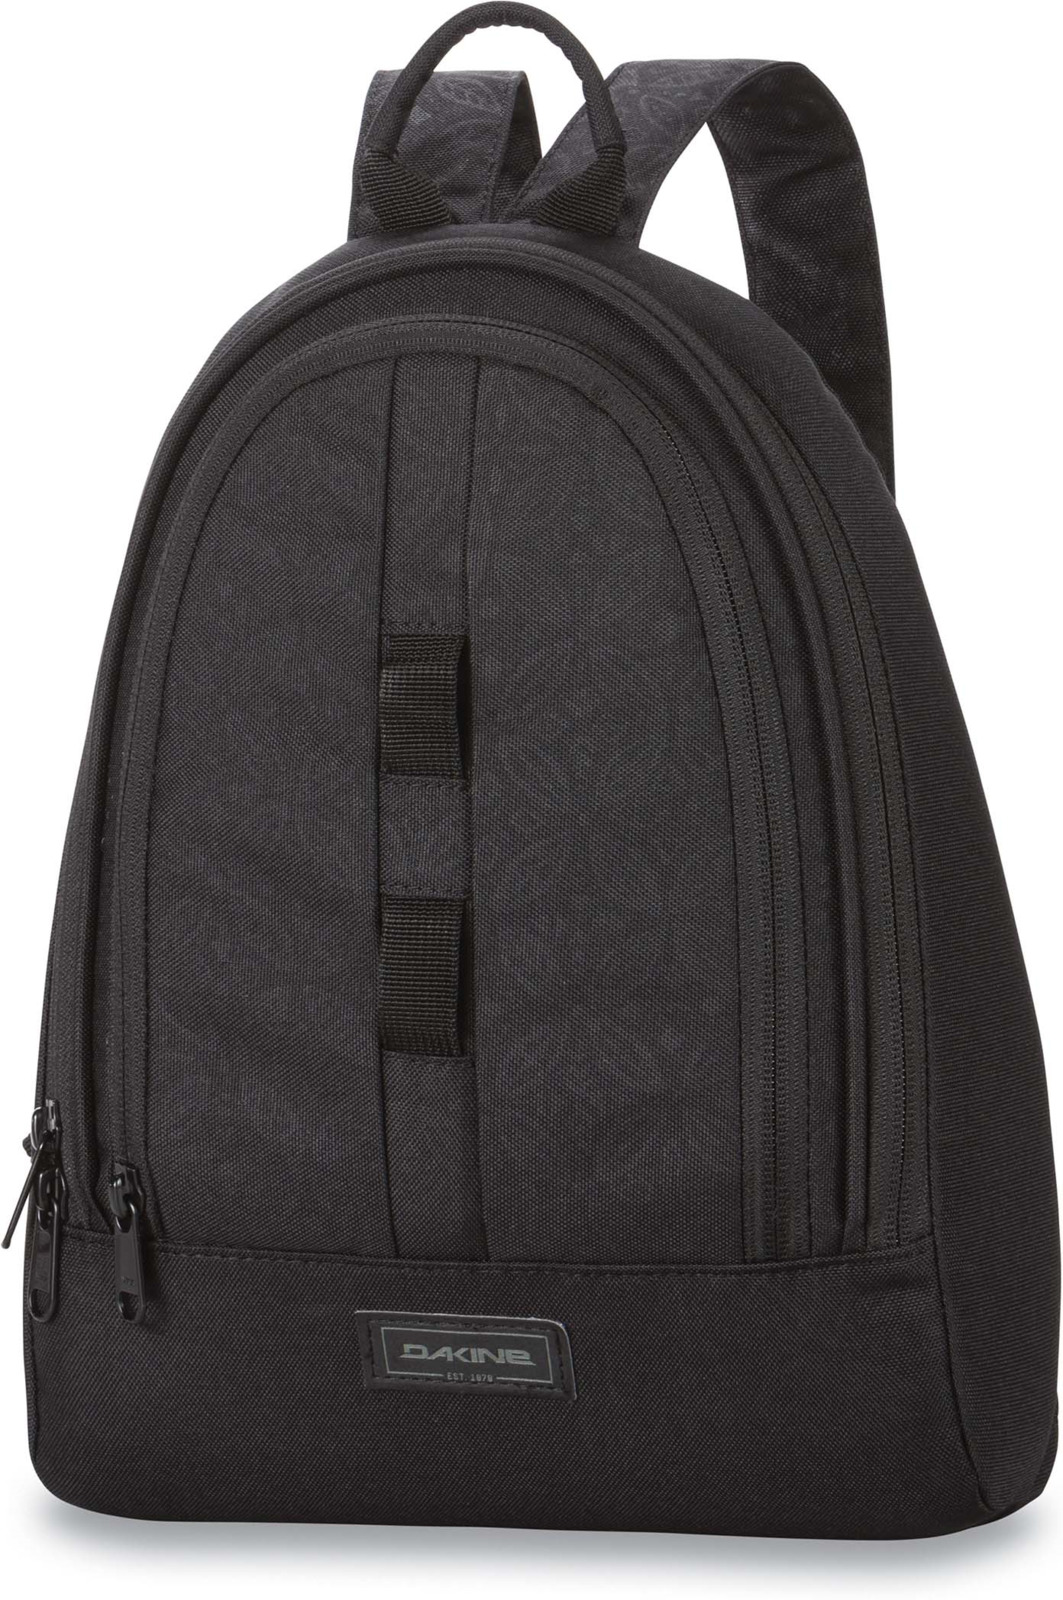 Рюкзак женский Dakine Cosmo, цвет: черный, 6,5 л